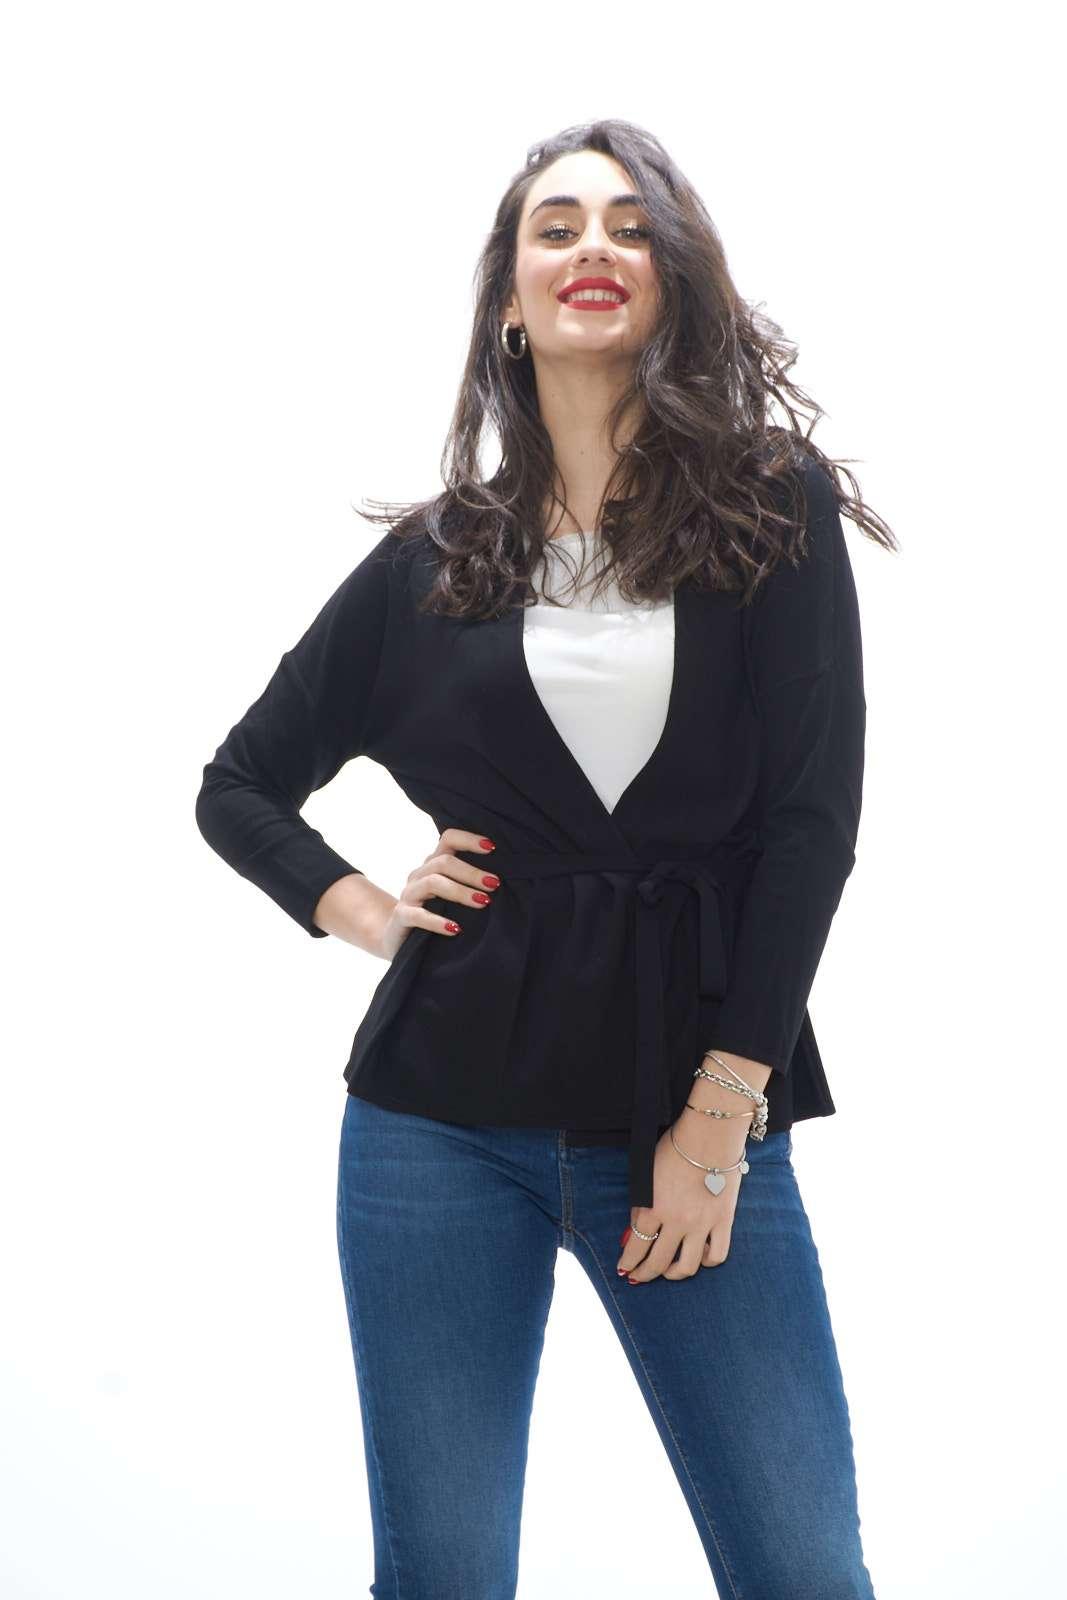 https://www.parmax.com/media/catalog/product/a/i/PE-outlet_parmax-cardigan-donna-MaxMara-53410197-A.jpg